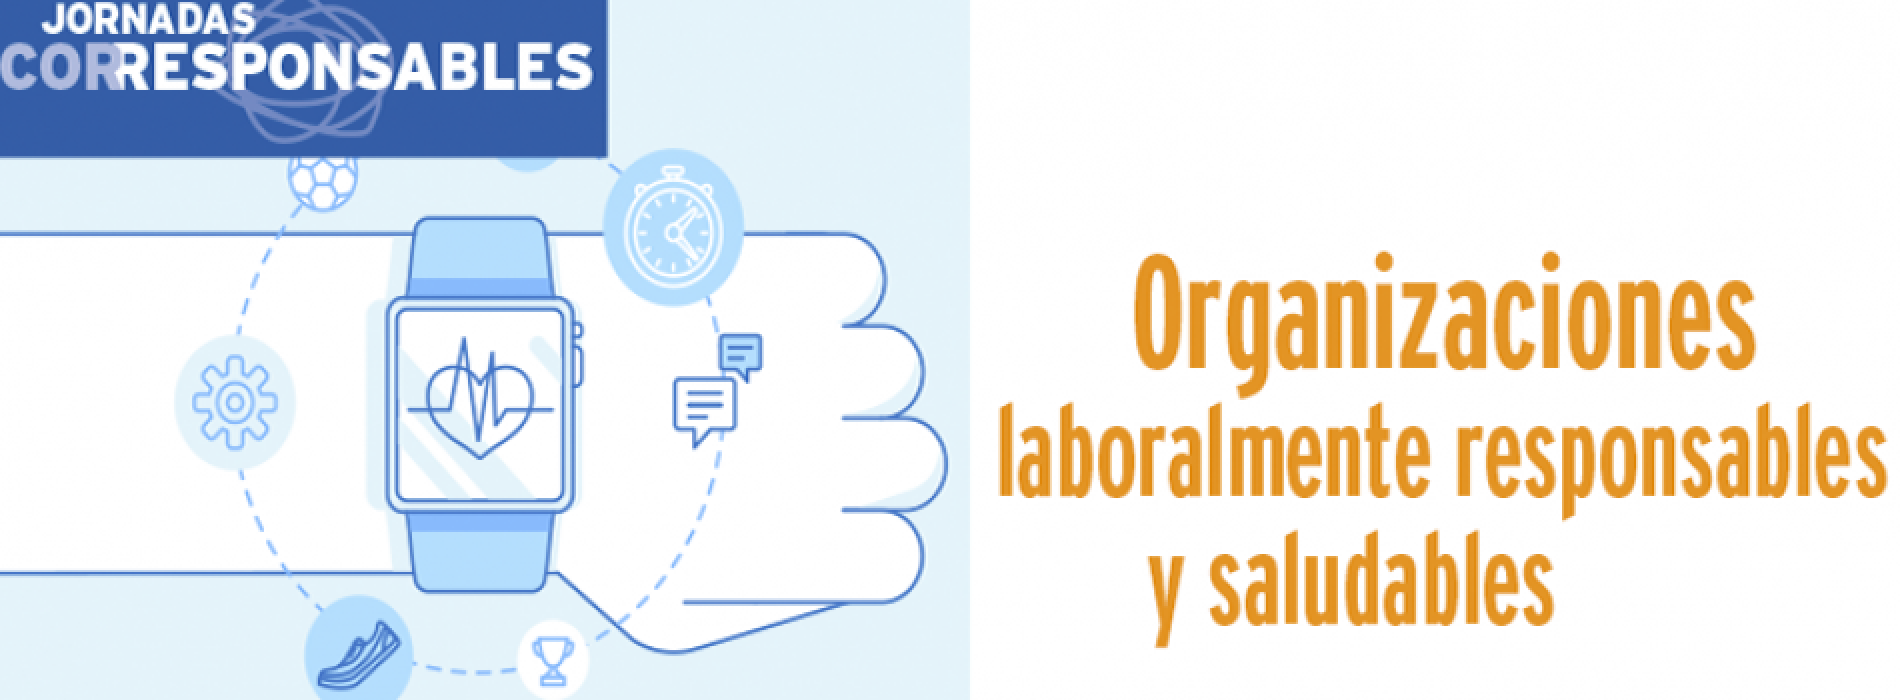 Jornada Corresponsables d'Organitzacions laboralment responsables i saludables